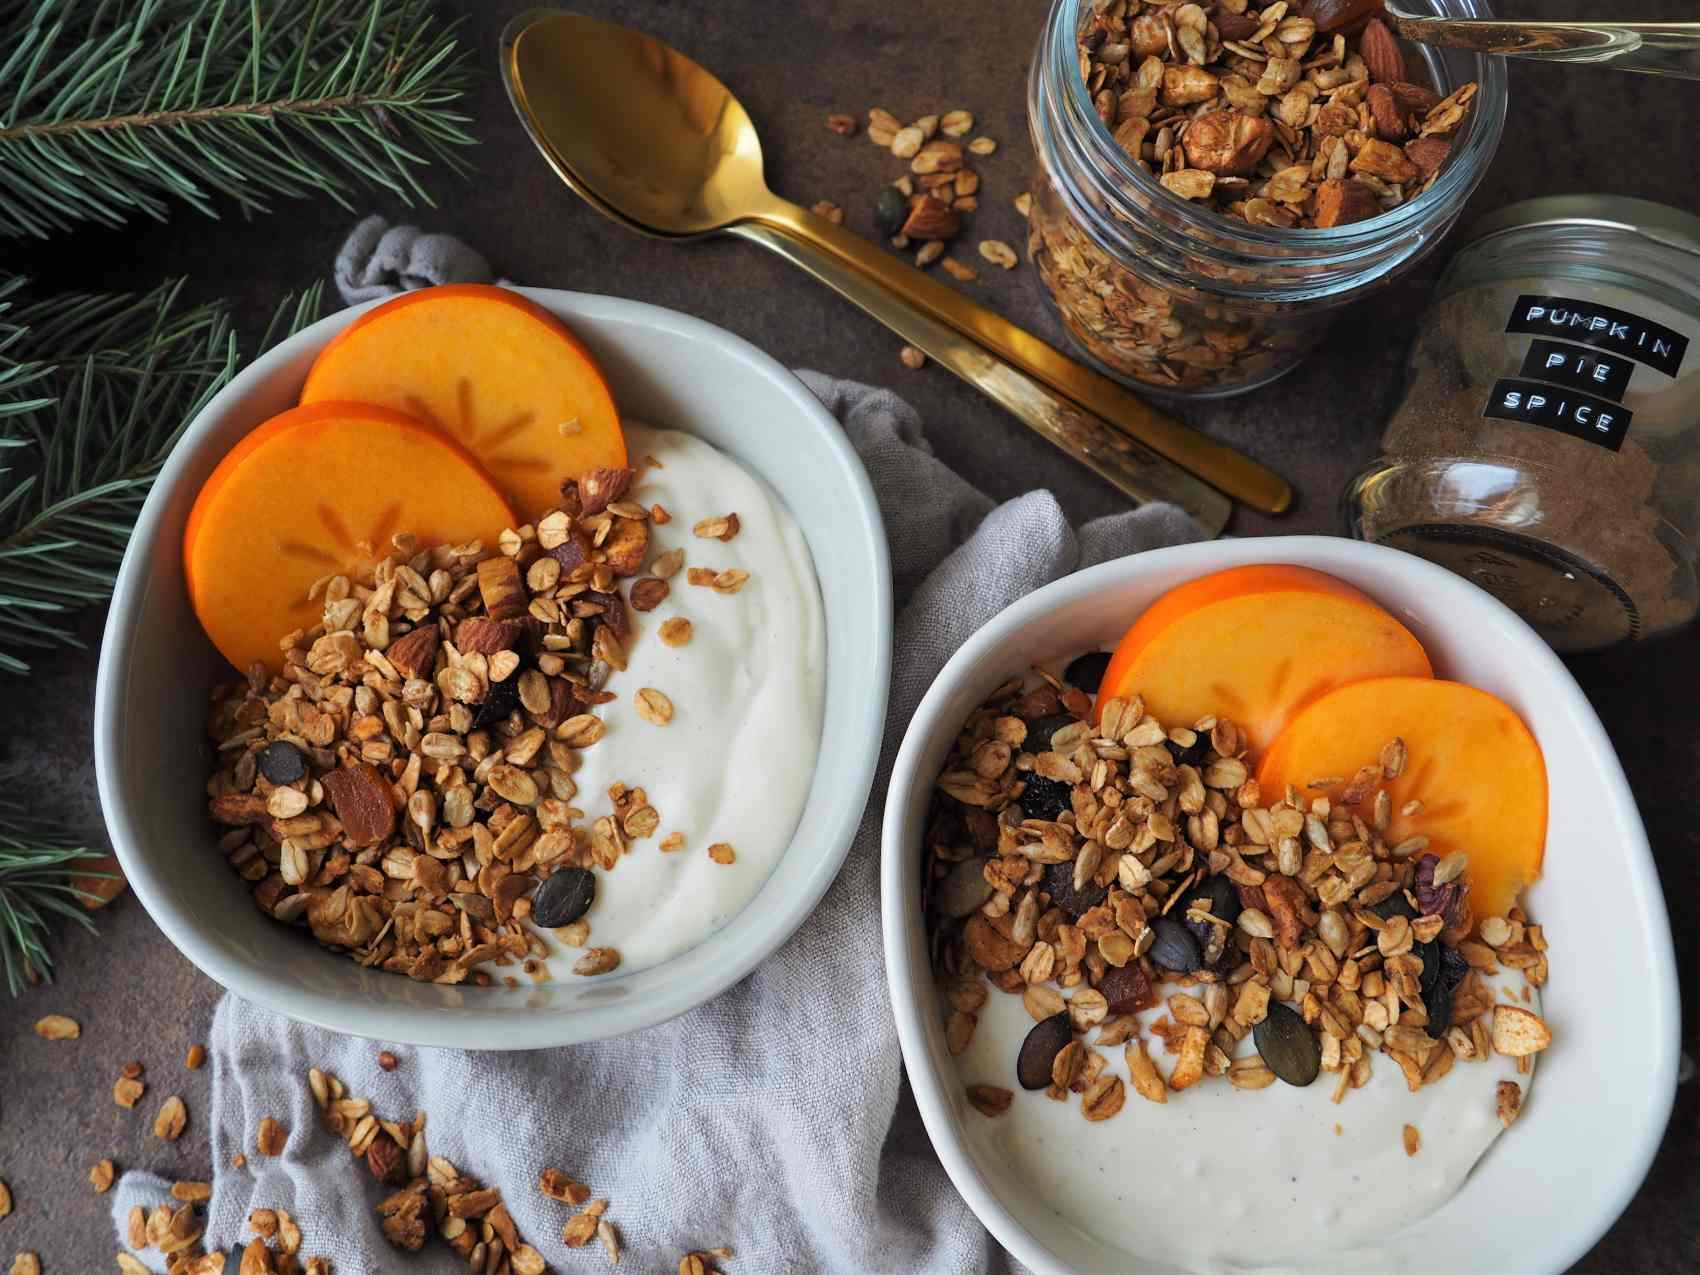 Veganes Pumpkin Pie Spice Knuspermüsli